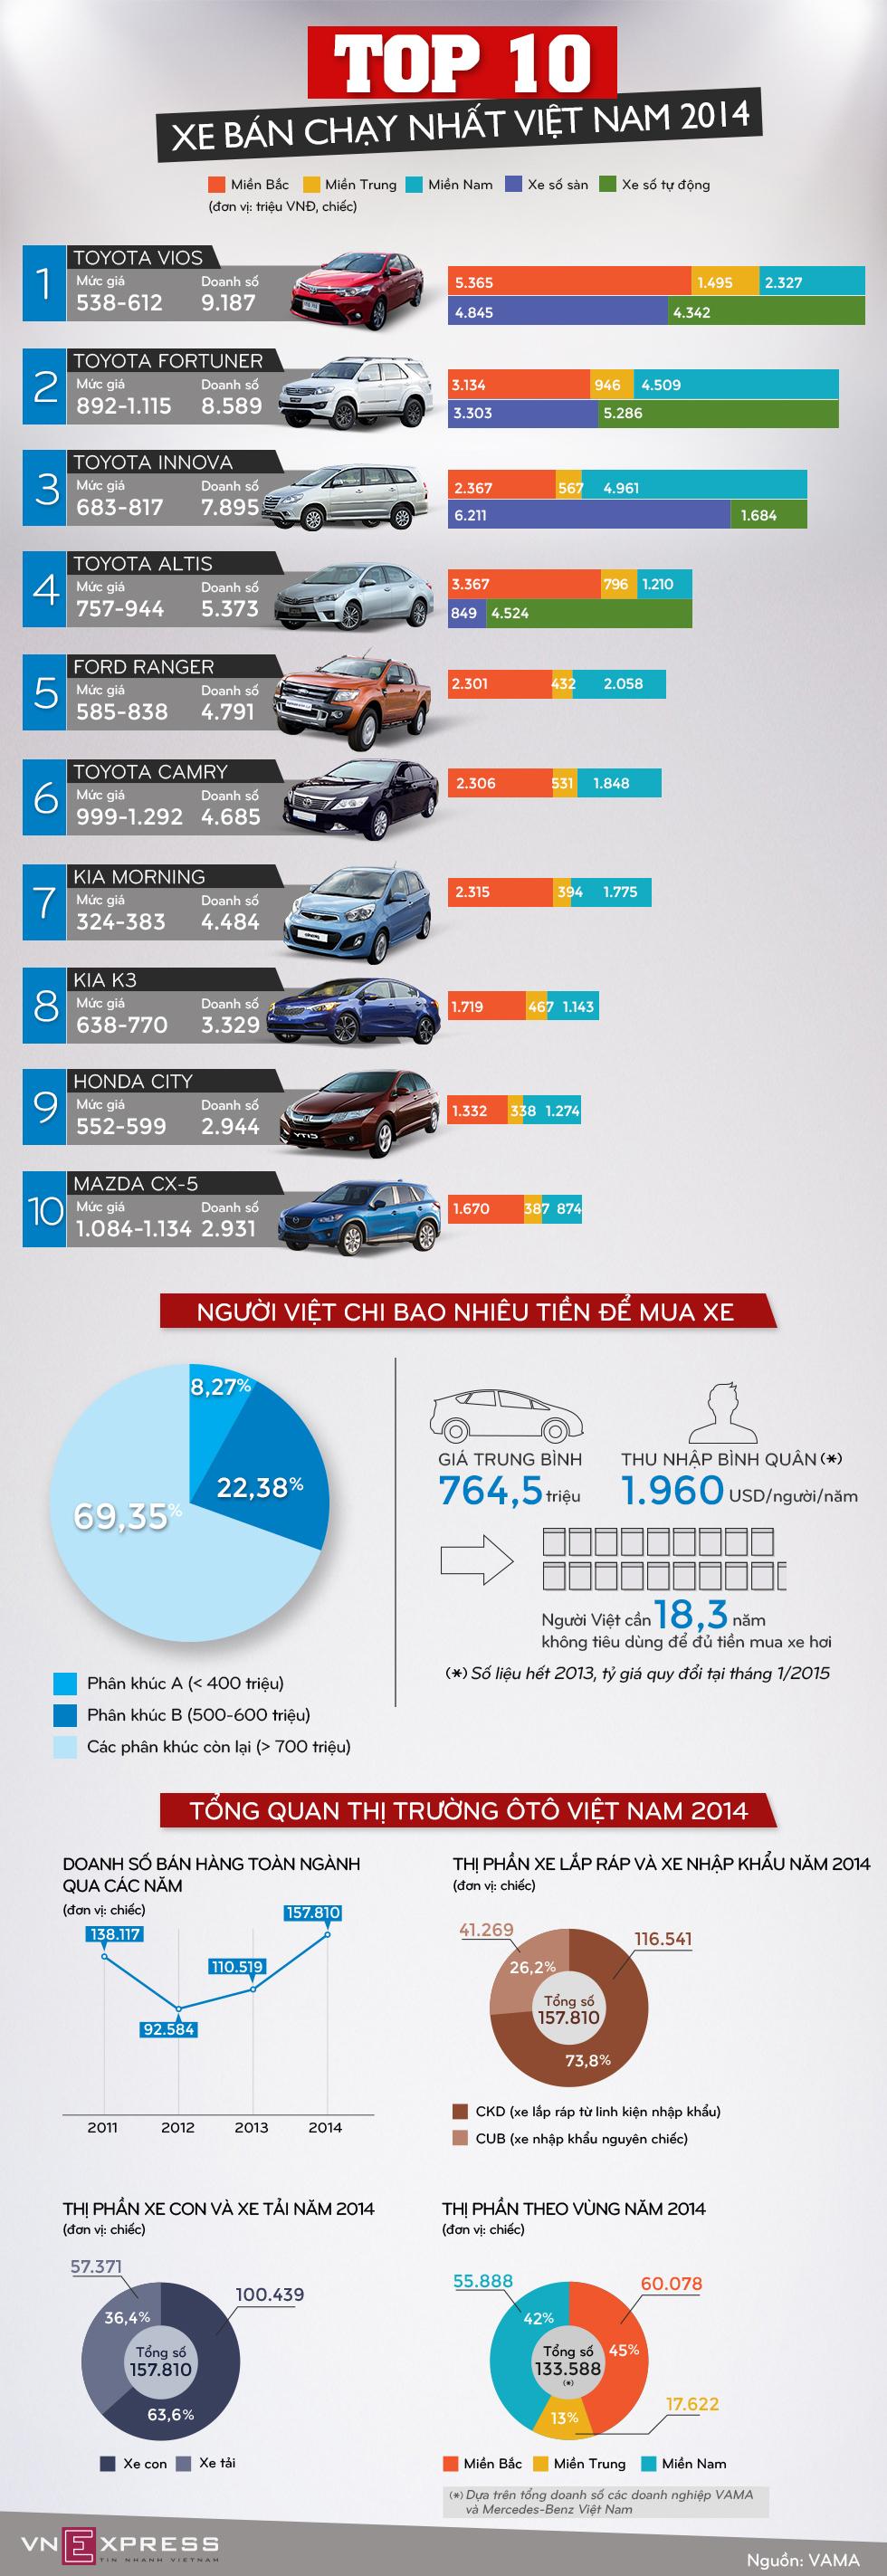 Top 10 mẫu xe bán chạy tại Việt Nam 2014